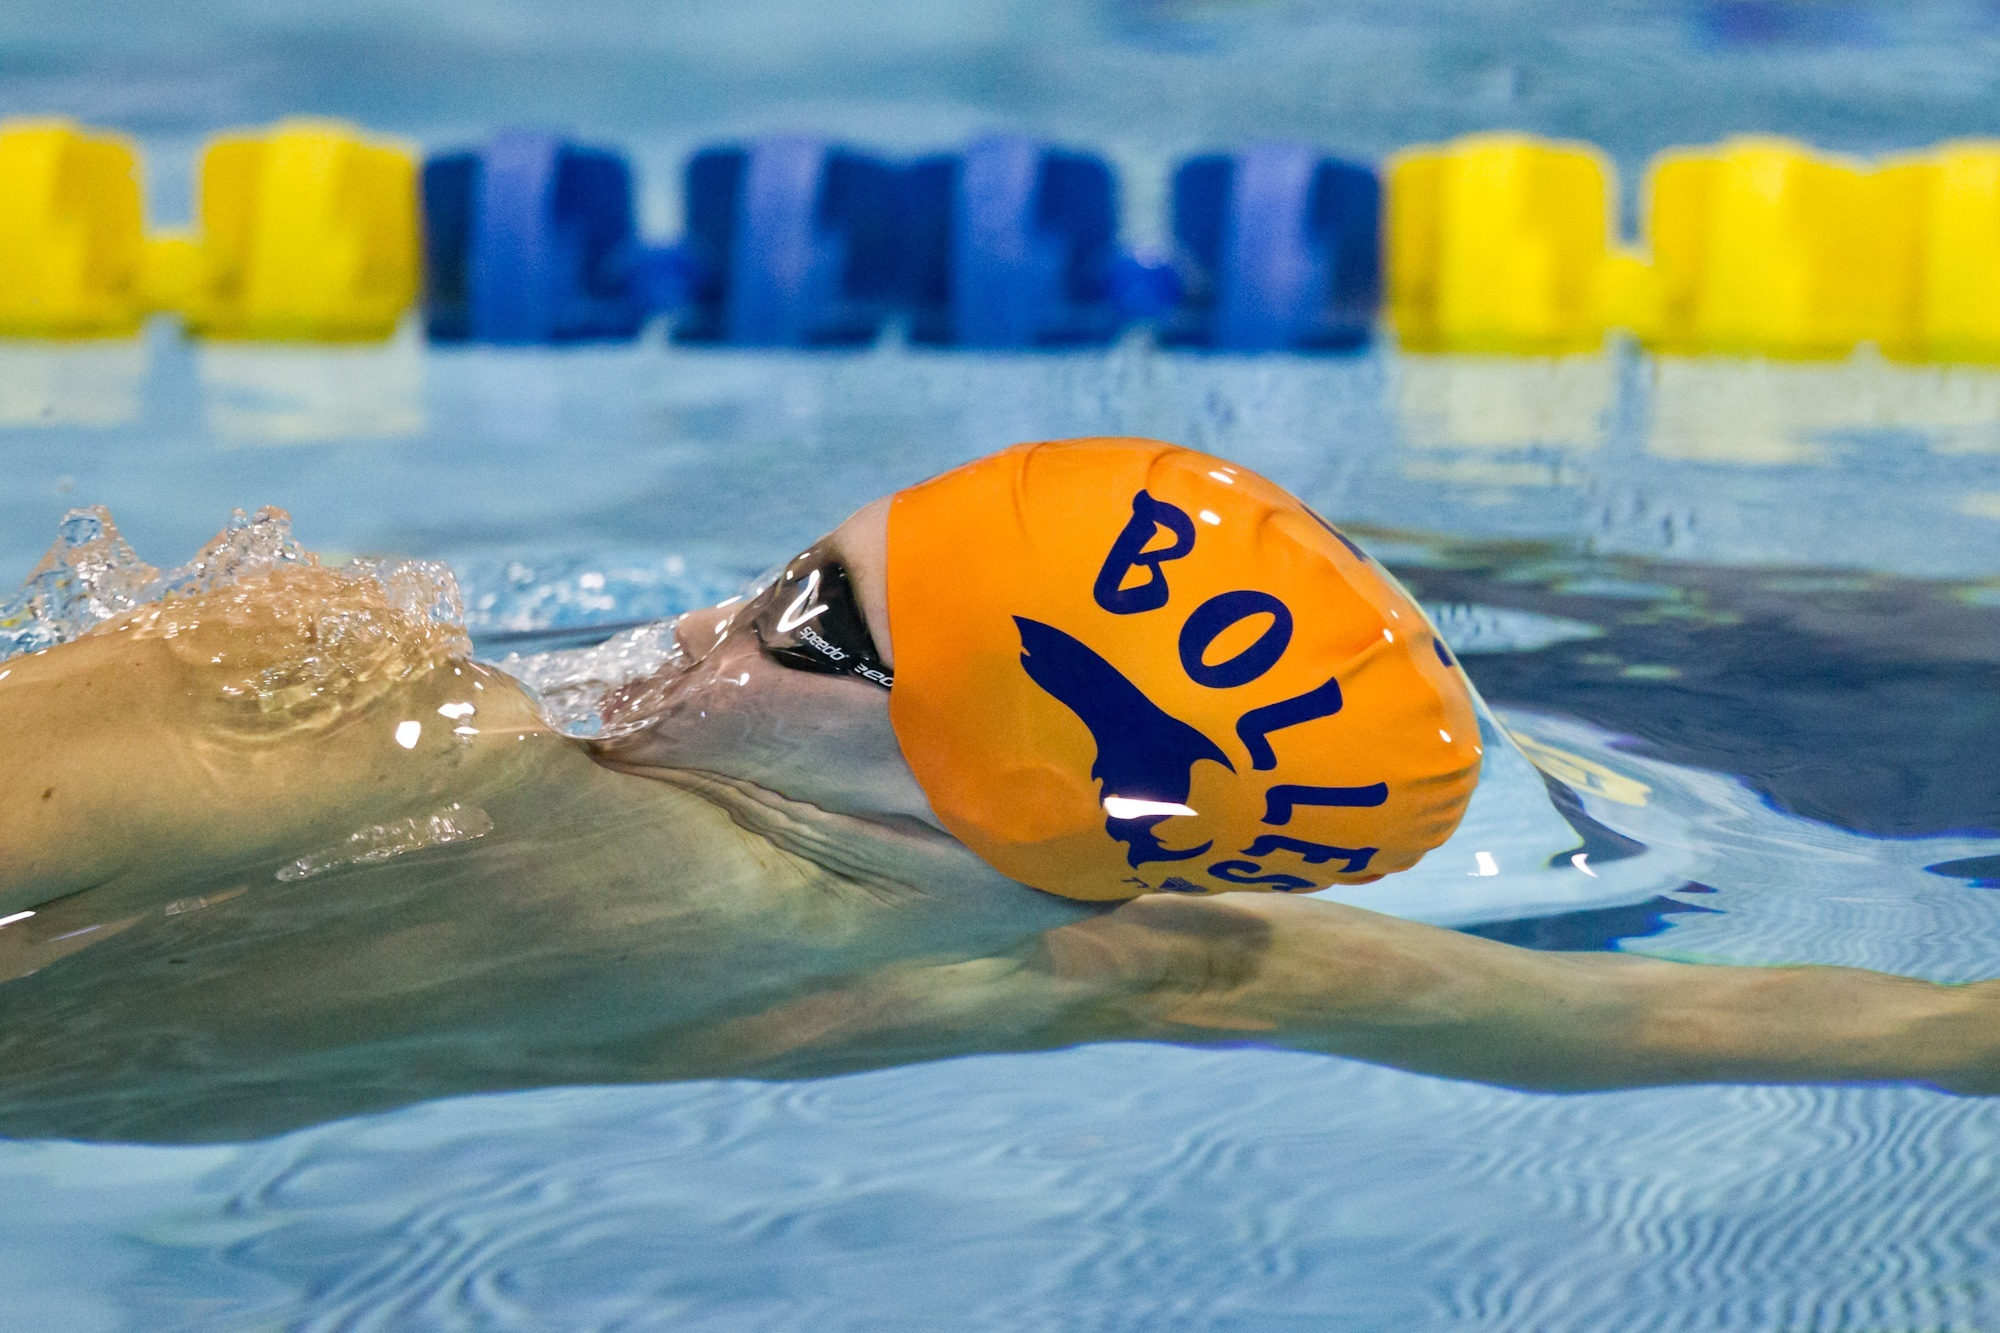 The Ryan Murphy Swimming Photo Vault